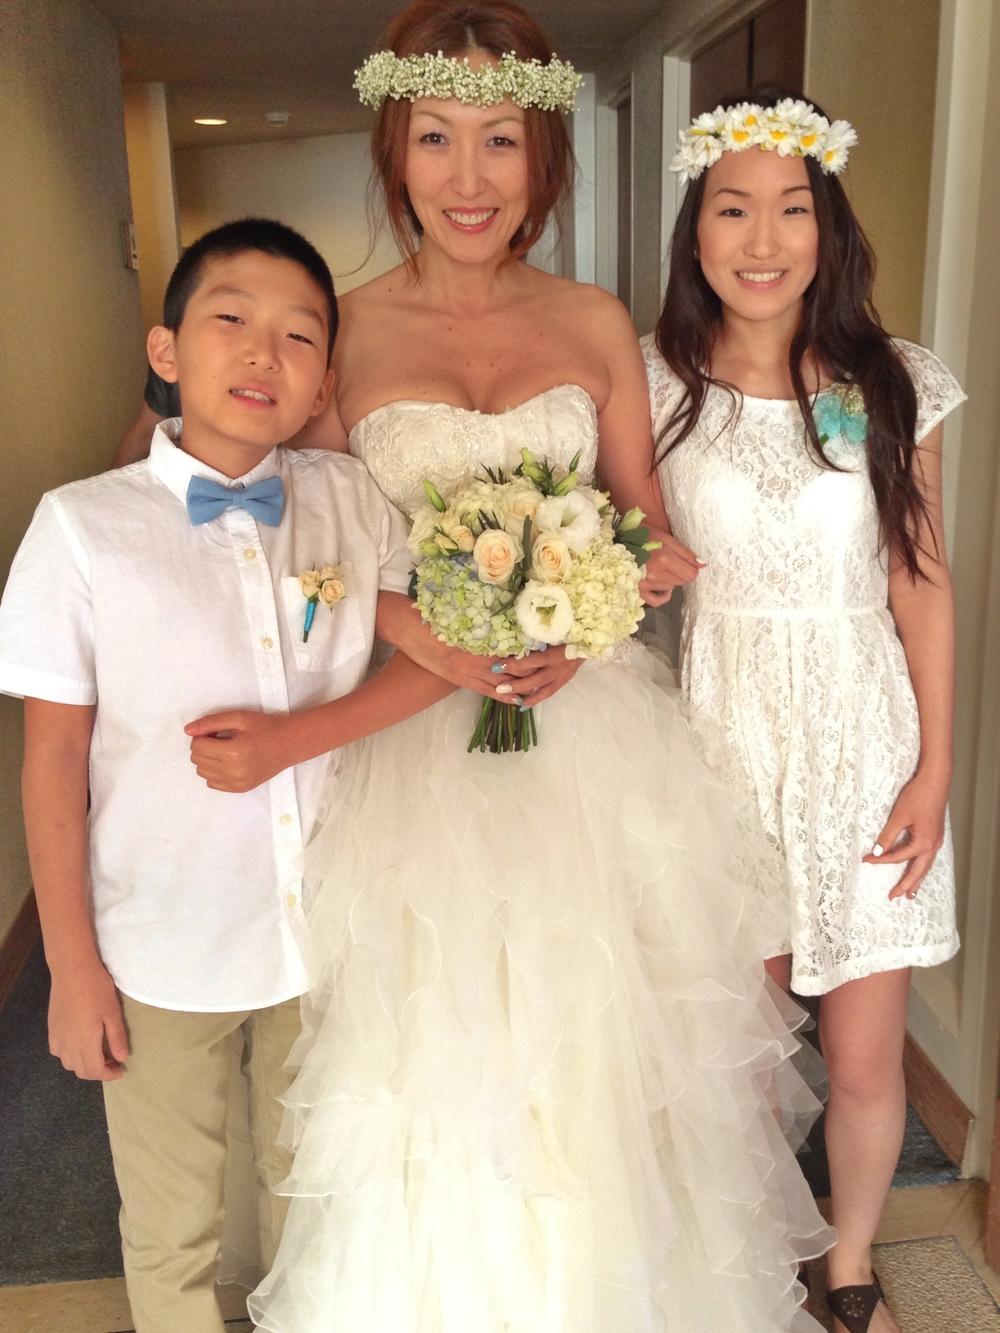 akemi-brett-hawaii-wedding-flower-girl-ring-bearer